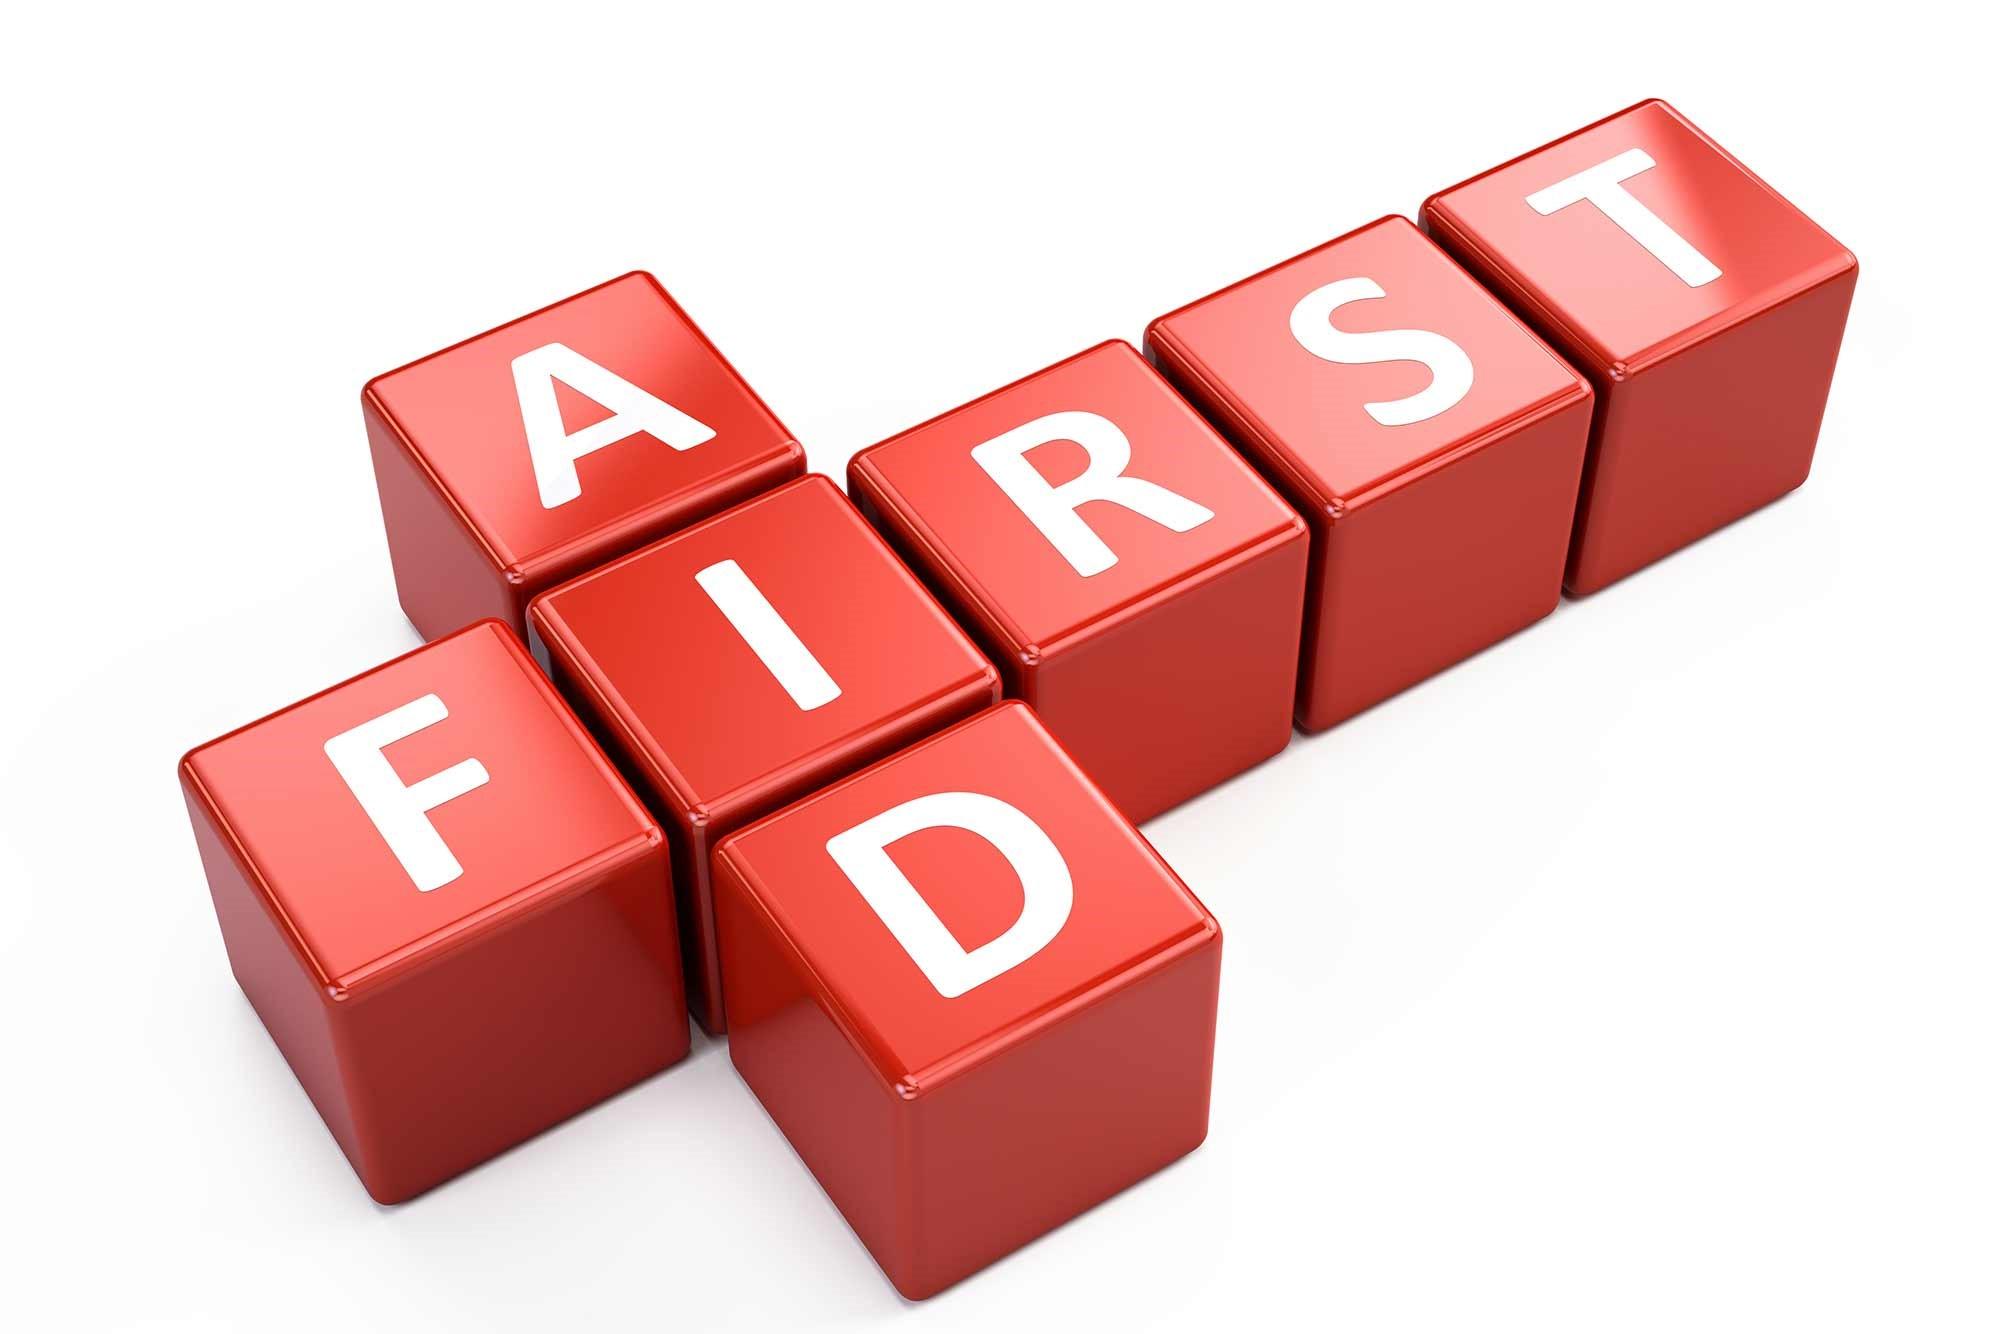 First Aid week